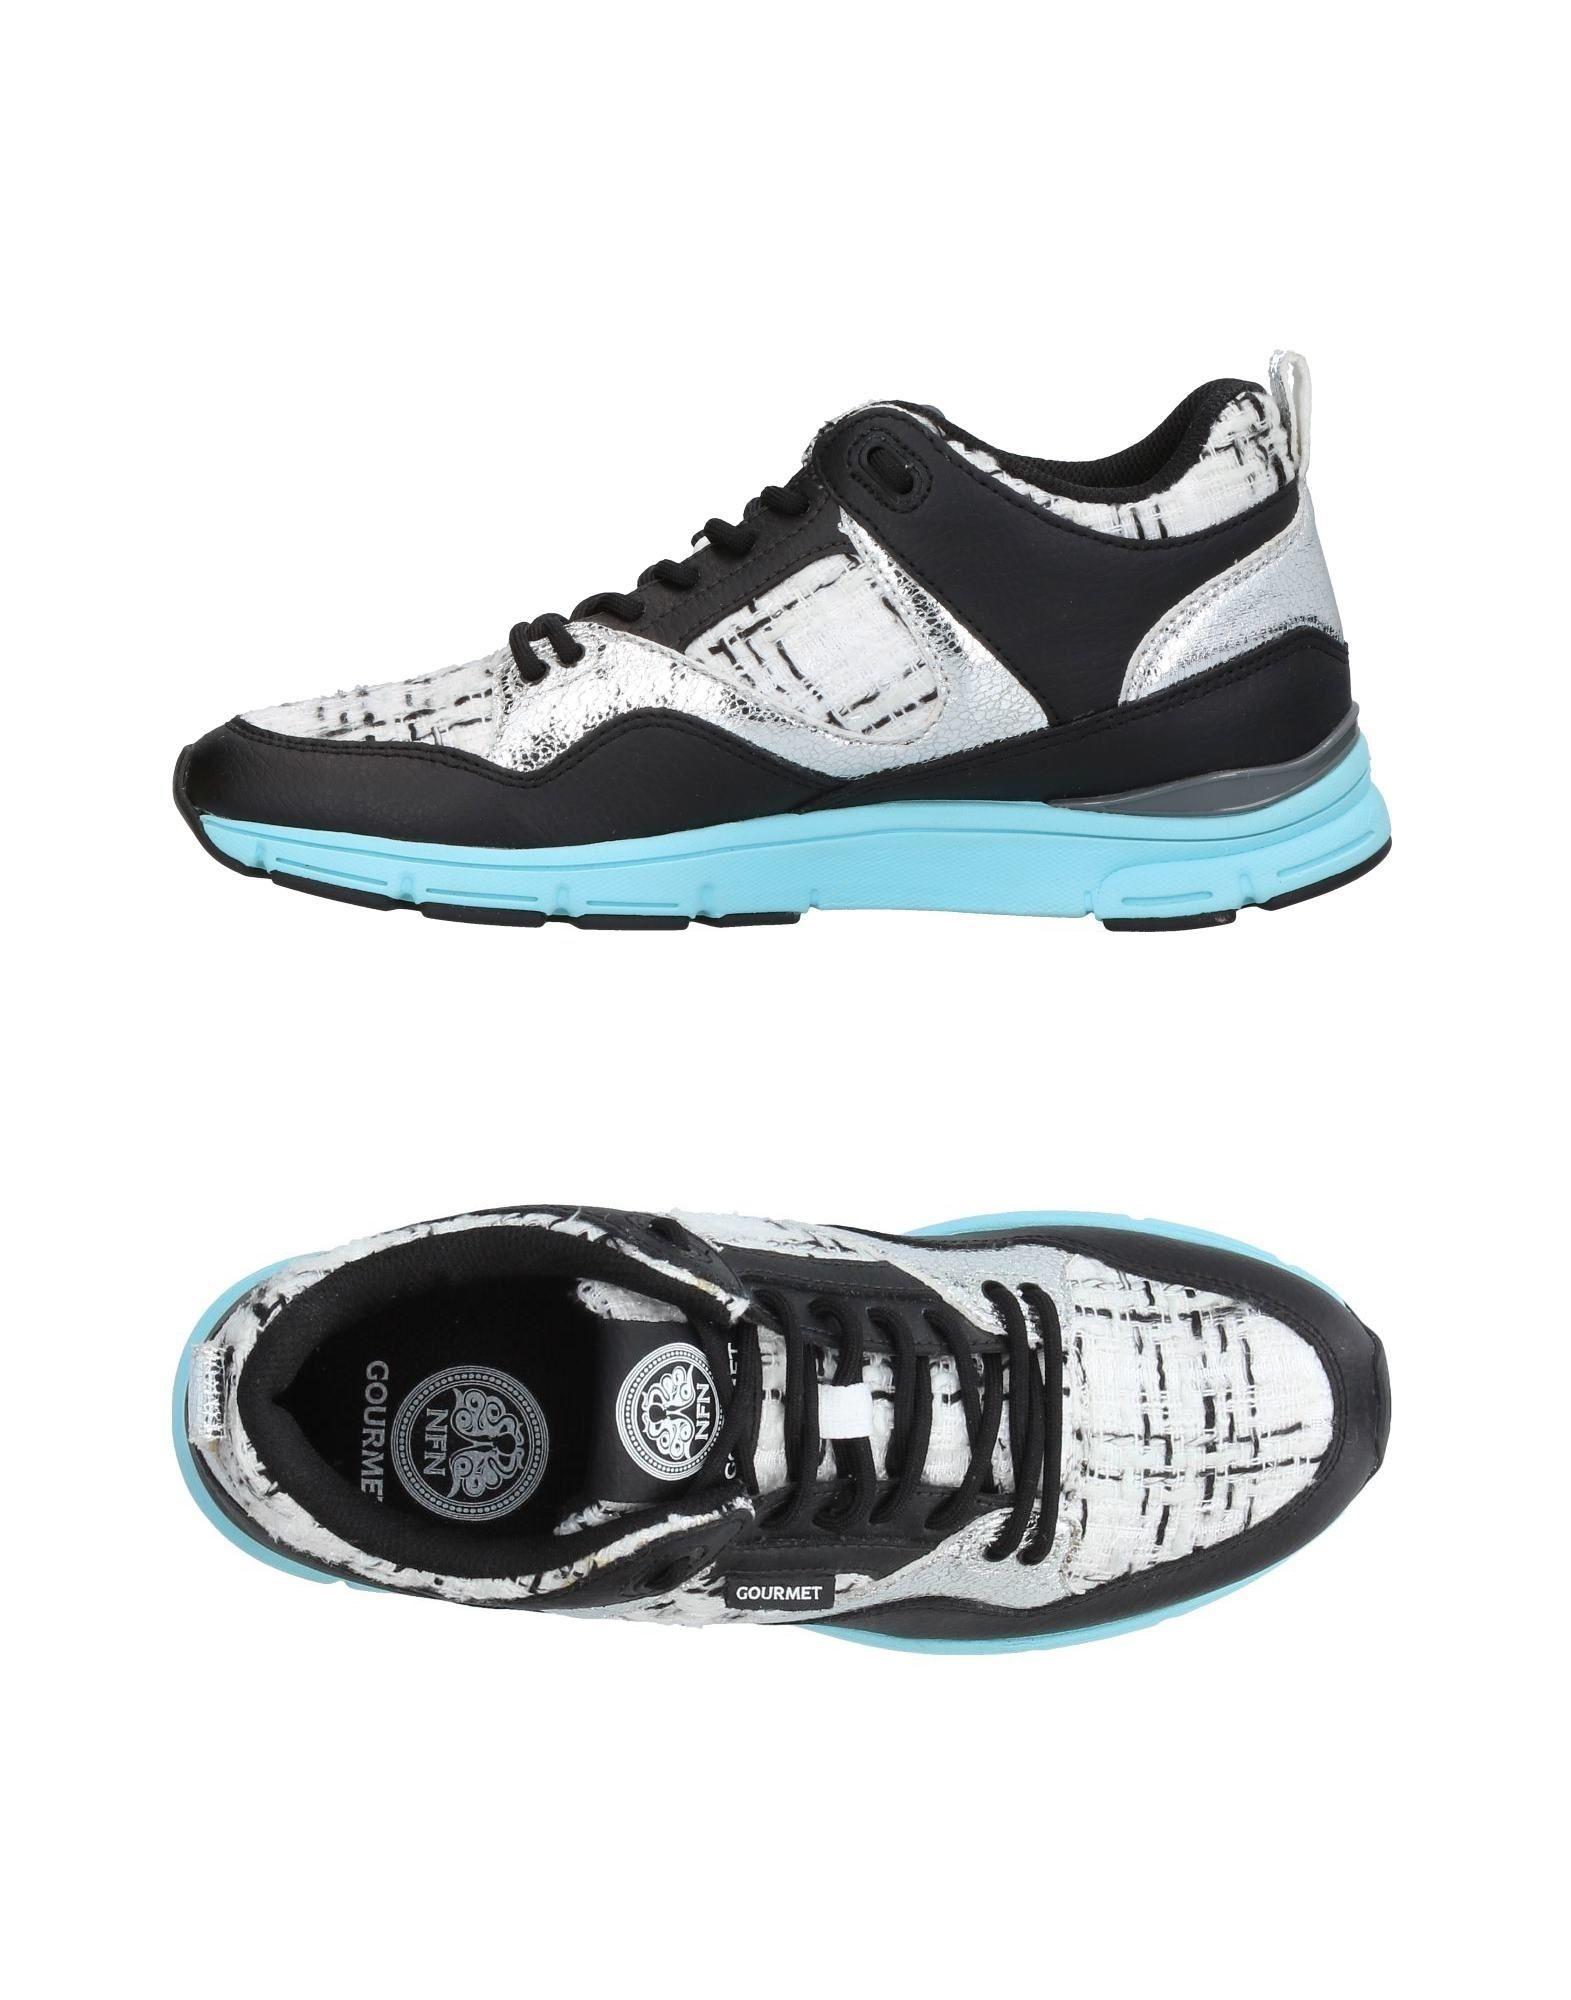 Sneakers Gourmet Donna - 11399933ID Scarpe economiche e buone